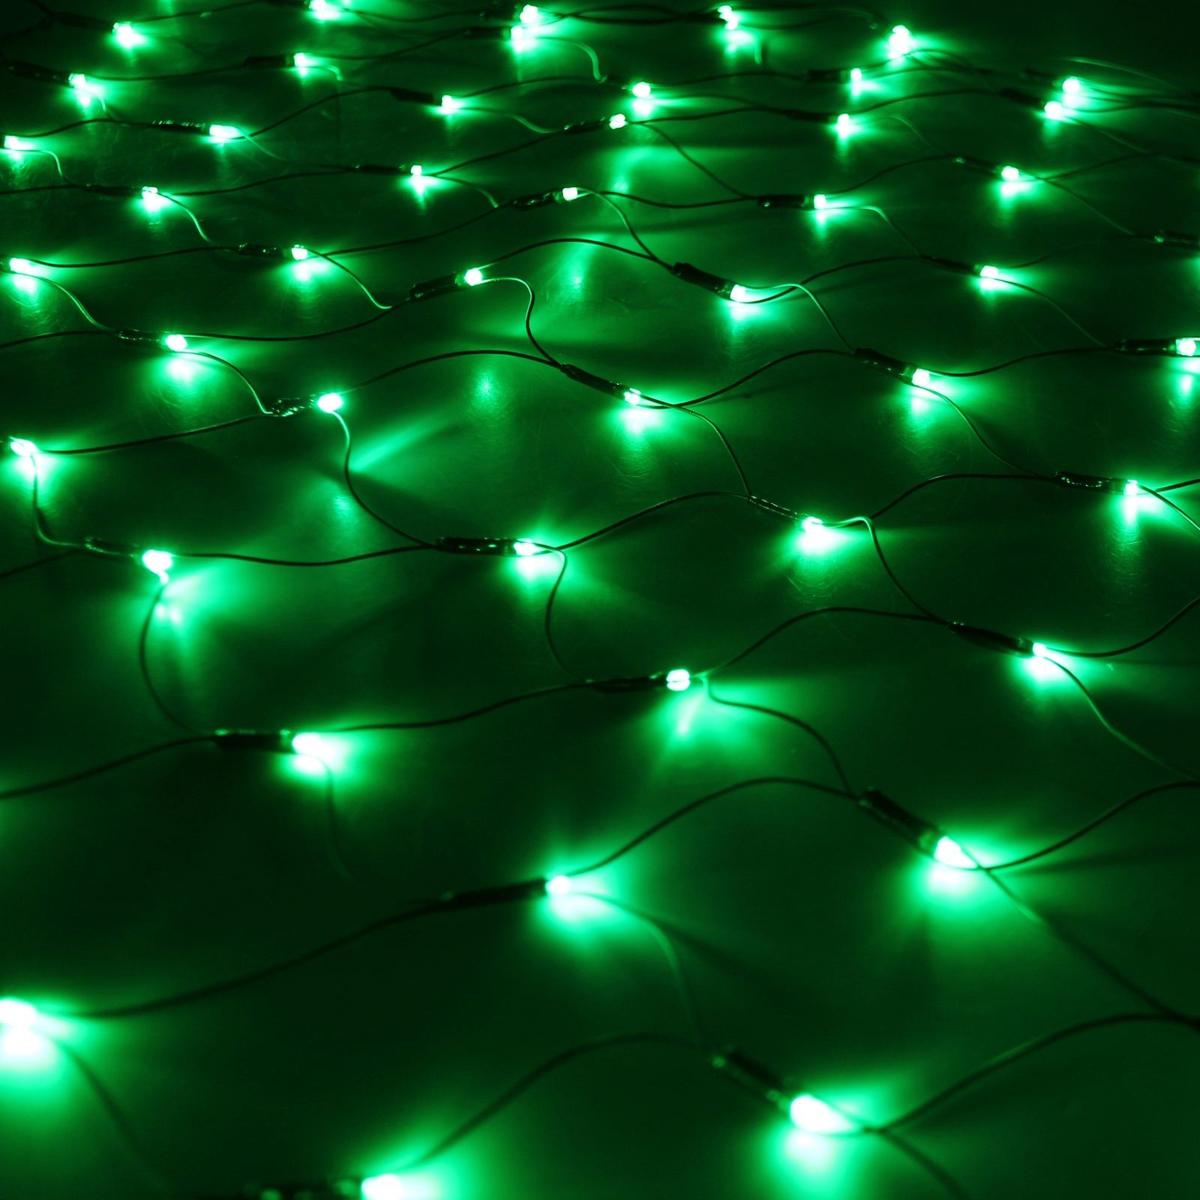 Гирлянда Luazon Сетка, длина 1,1 м, LED 144 ламп, 220V, цвет: зеленый. 187224187224Светодиодные гирлянды, ленты и т.д — это отличный вариант для новогоднего оформления интерьера или фасада. С их помощью помещение любого размера можно превратить в праздничный зал, а внешние элементы зданий, украшенные ими, мгновенно станут напоминать очертания сказочного дворца. Такие украшения создают ауру предвкушения чуда. Деревья, фасады, витрины, окна и арки будто специально созданы, чтобы вы украсили их светящимися нитями.